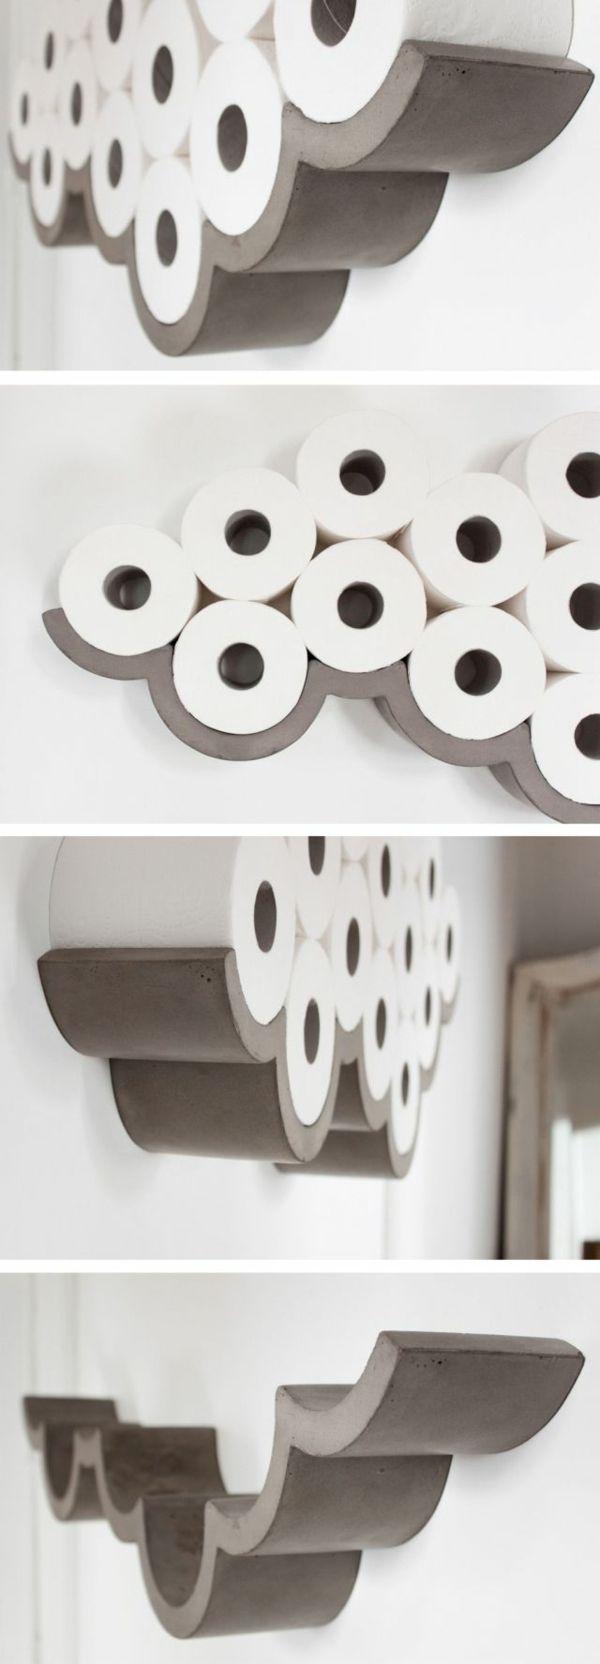 cleveres Produktdesign toilettenpapier halter                                                                                                                                                                                 Mehr